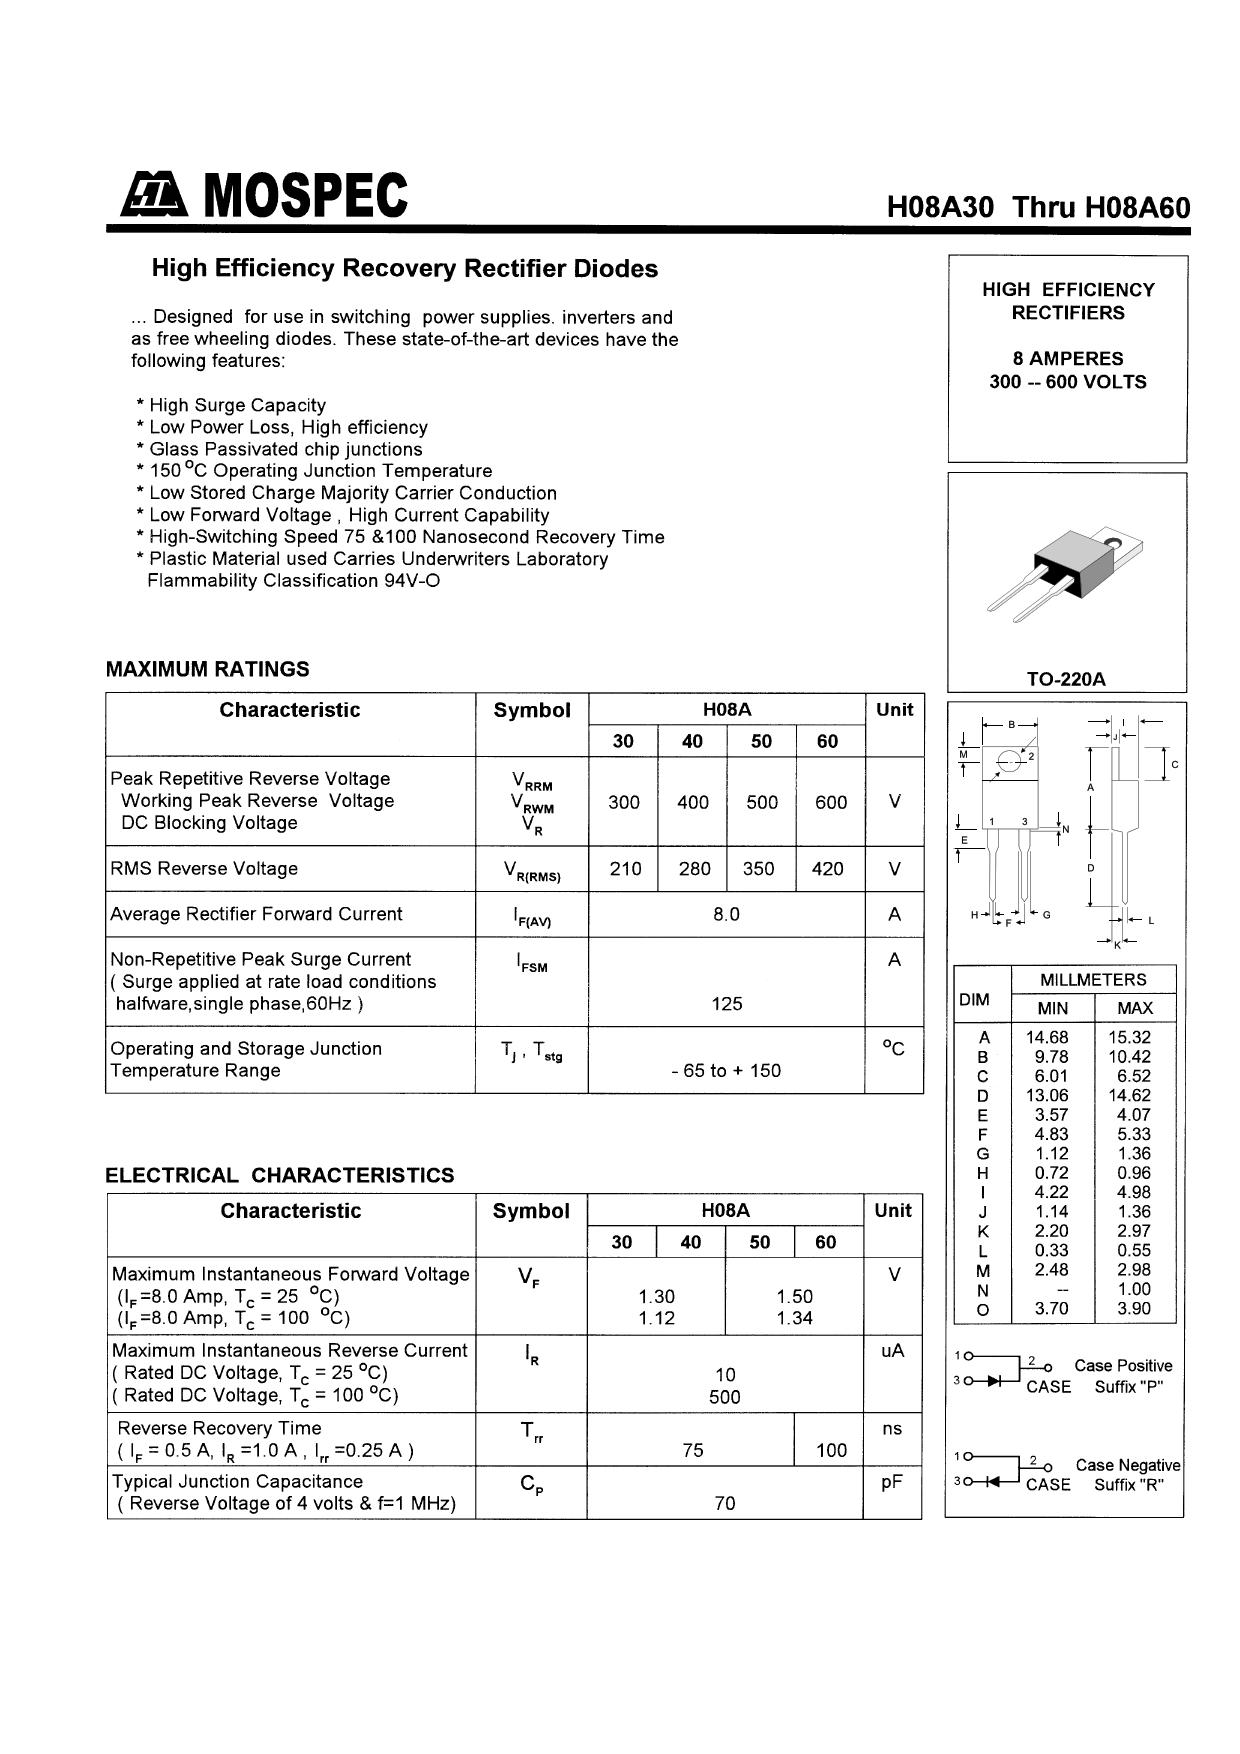 H08A50 datasheet